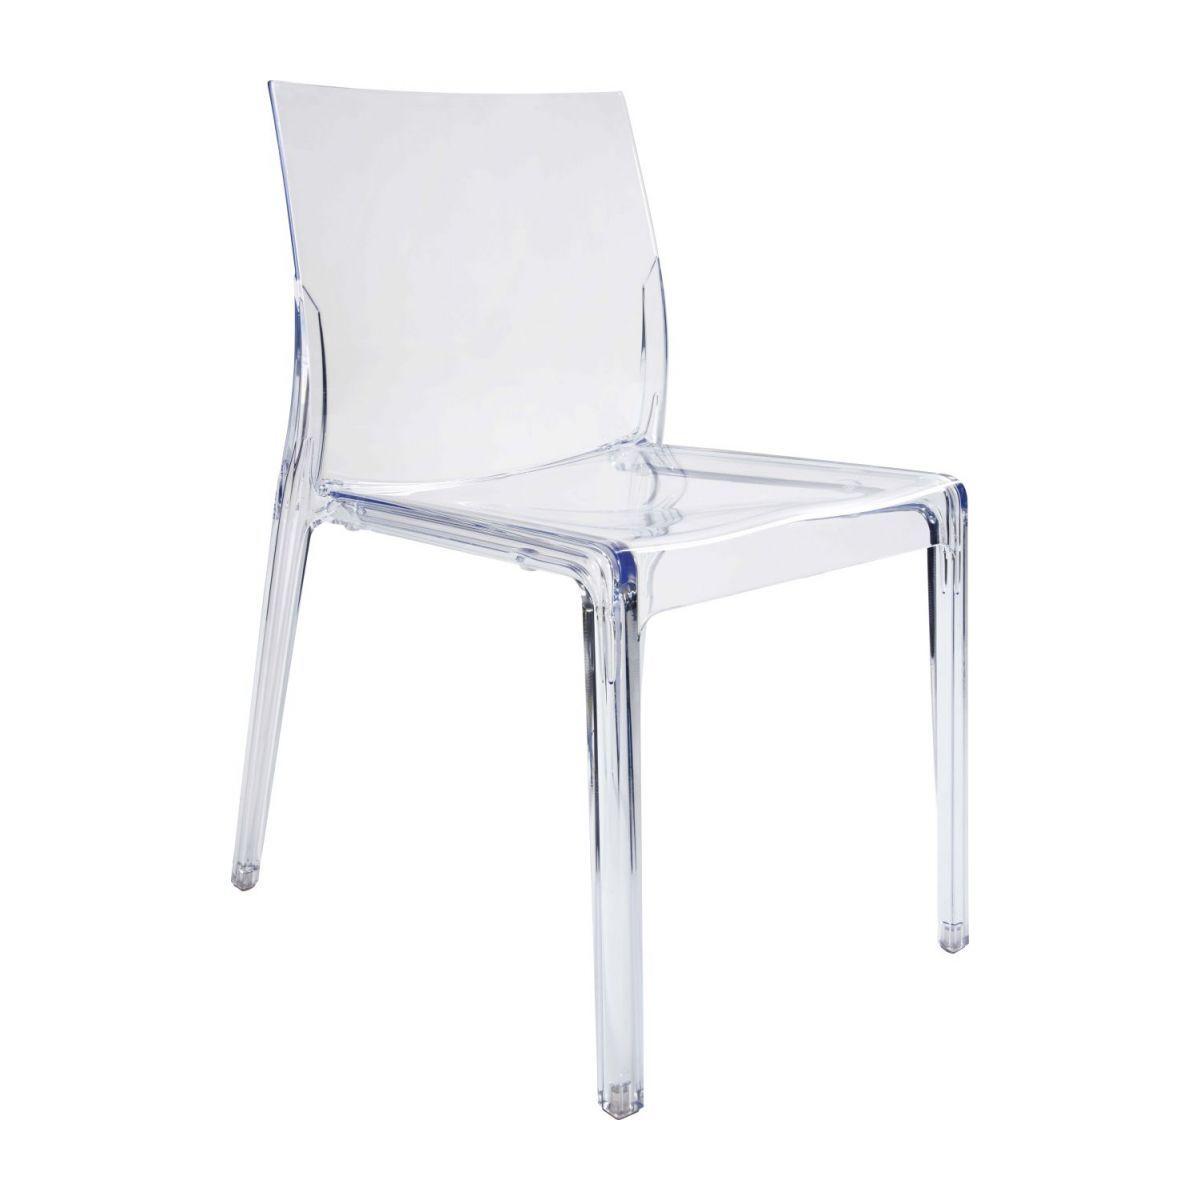 Mamamia Ii Chaise Transparente En Plastique En 2020 Chaise